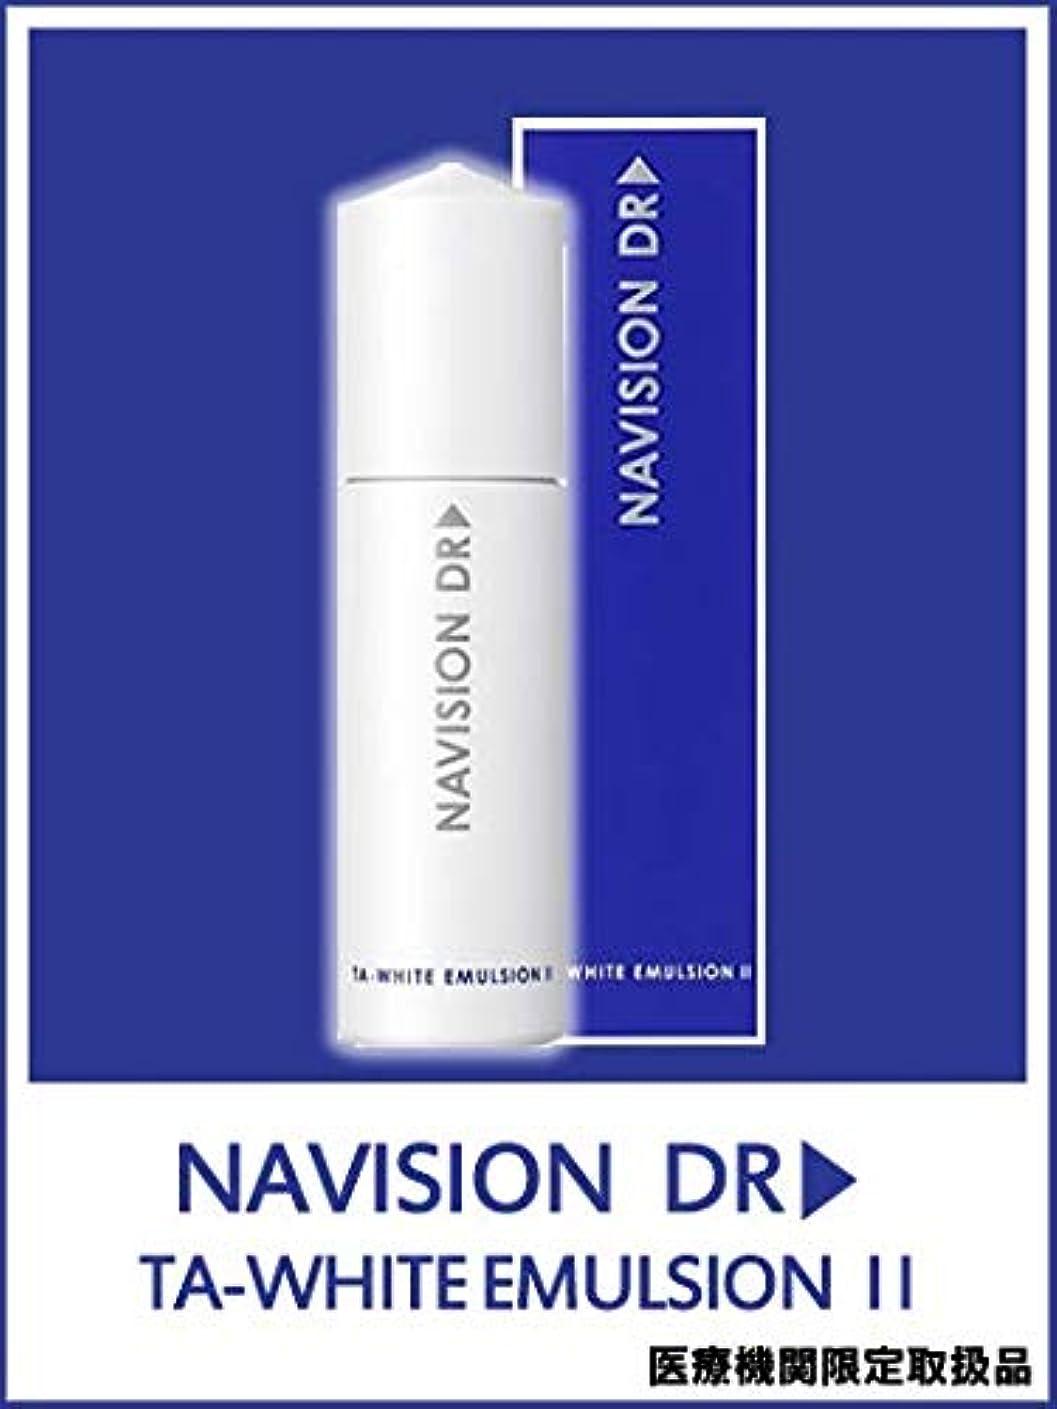 スキーム退屈な必需品NAVISION DR? ナビジョンDR TAホワイトエマルジョンⅡnしっとりうるおうタイプ(医薬部外品) 120mL